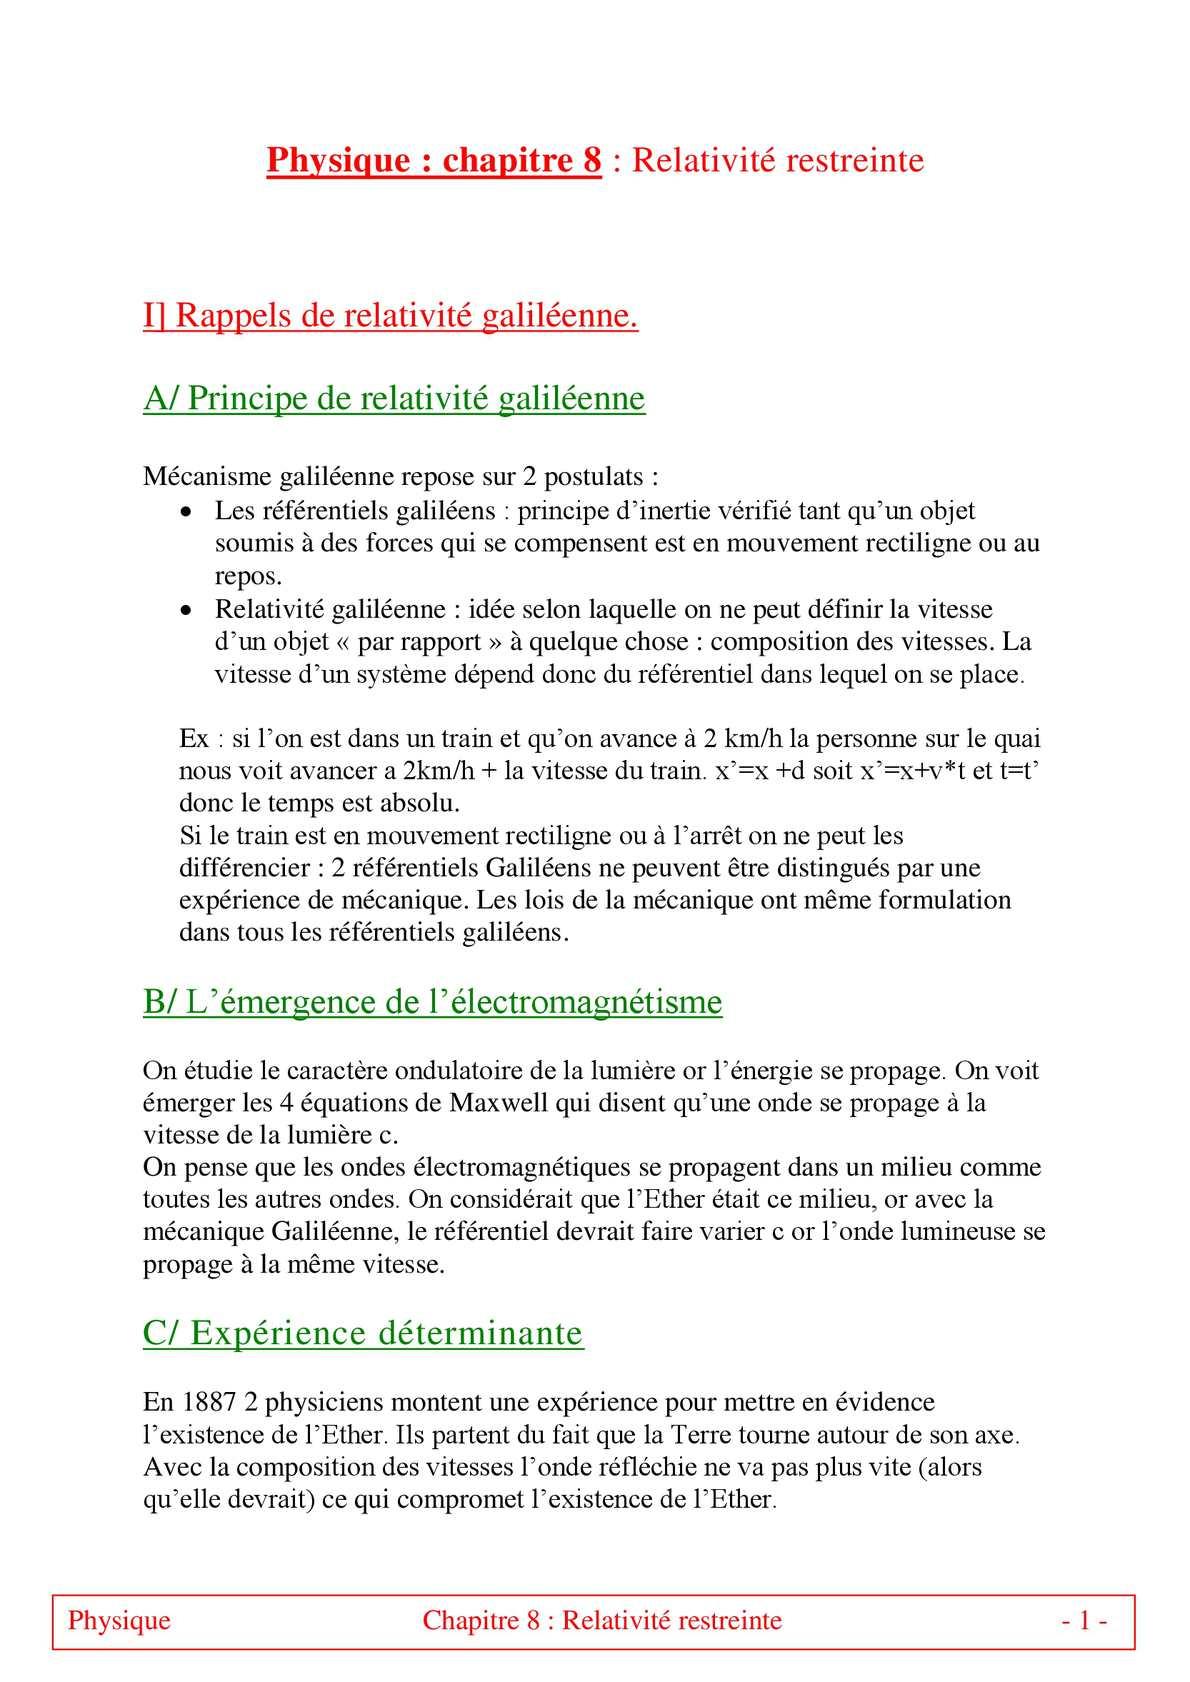 TS - PHYSIQUE/CHIMIE – Chapitre 8 bis | JéSky.fr